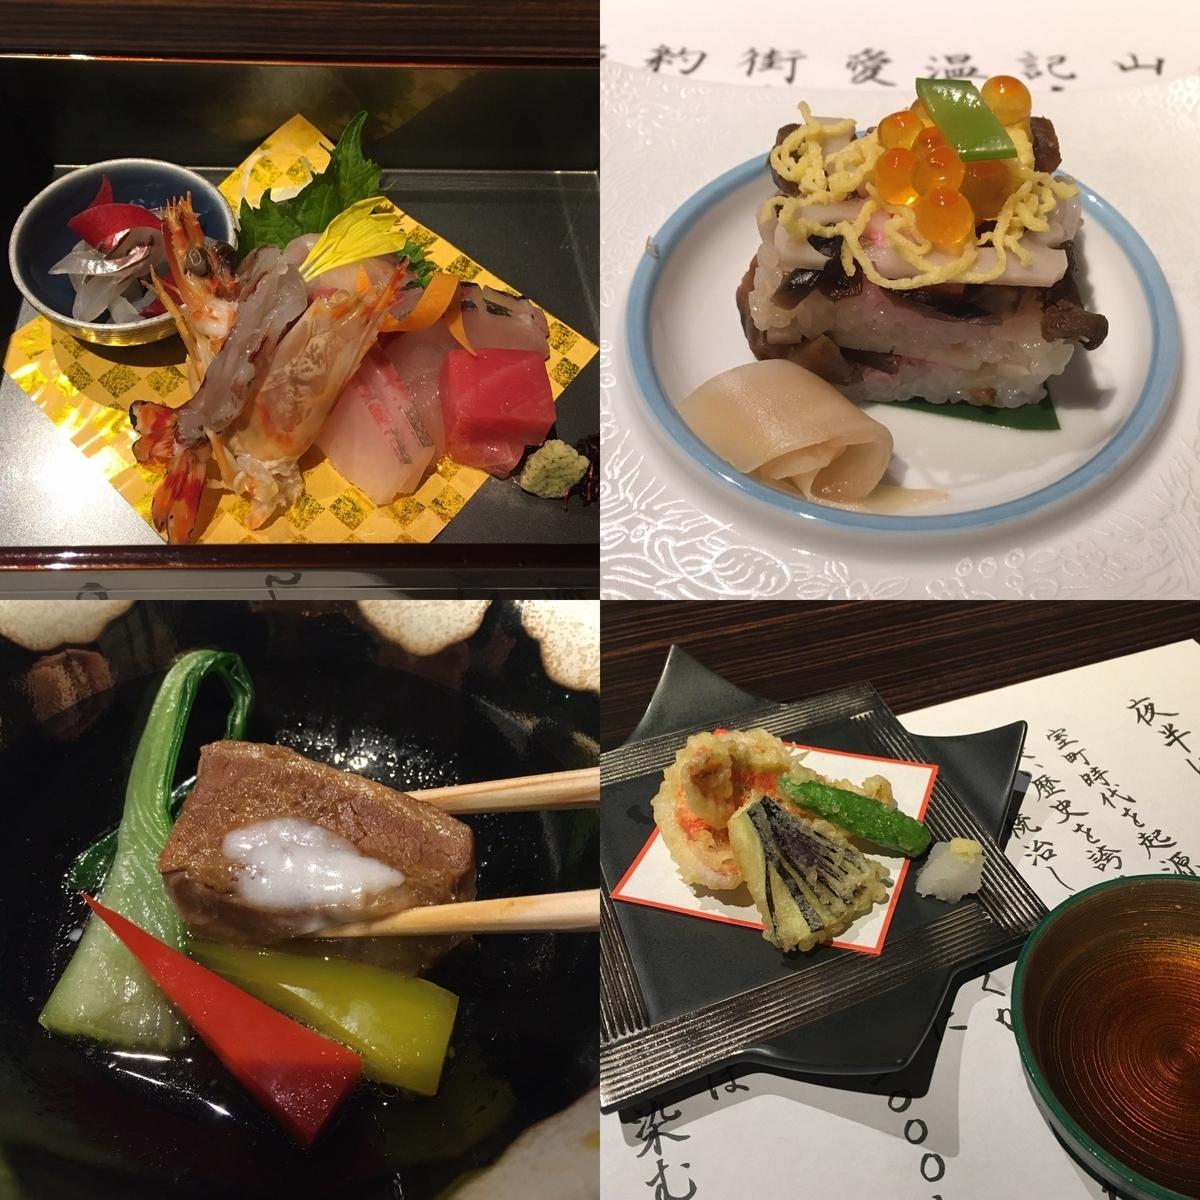 やまぐち湯田温泉古稀庵の夕食